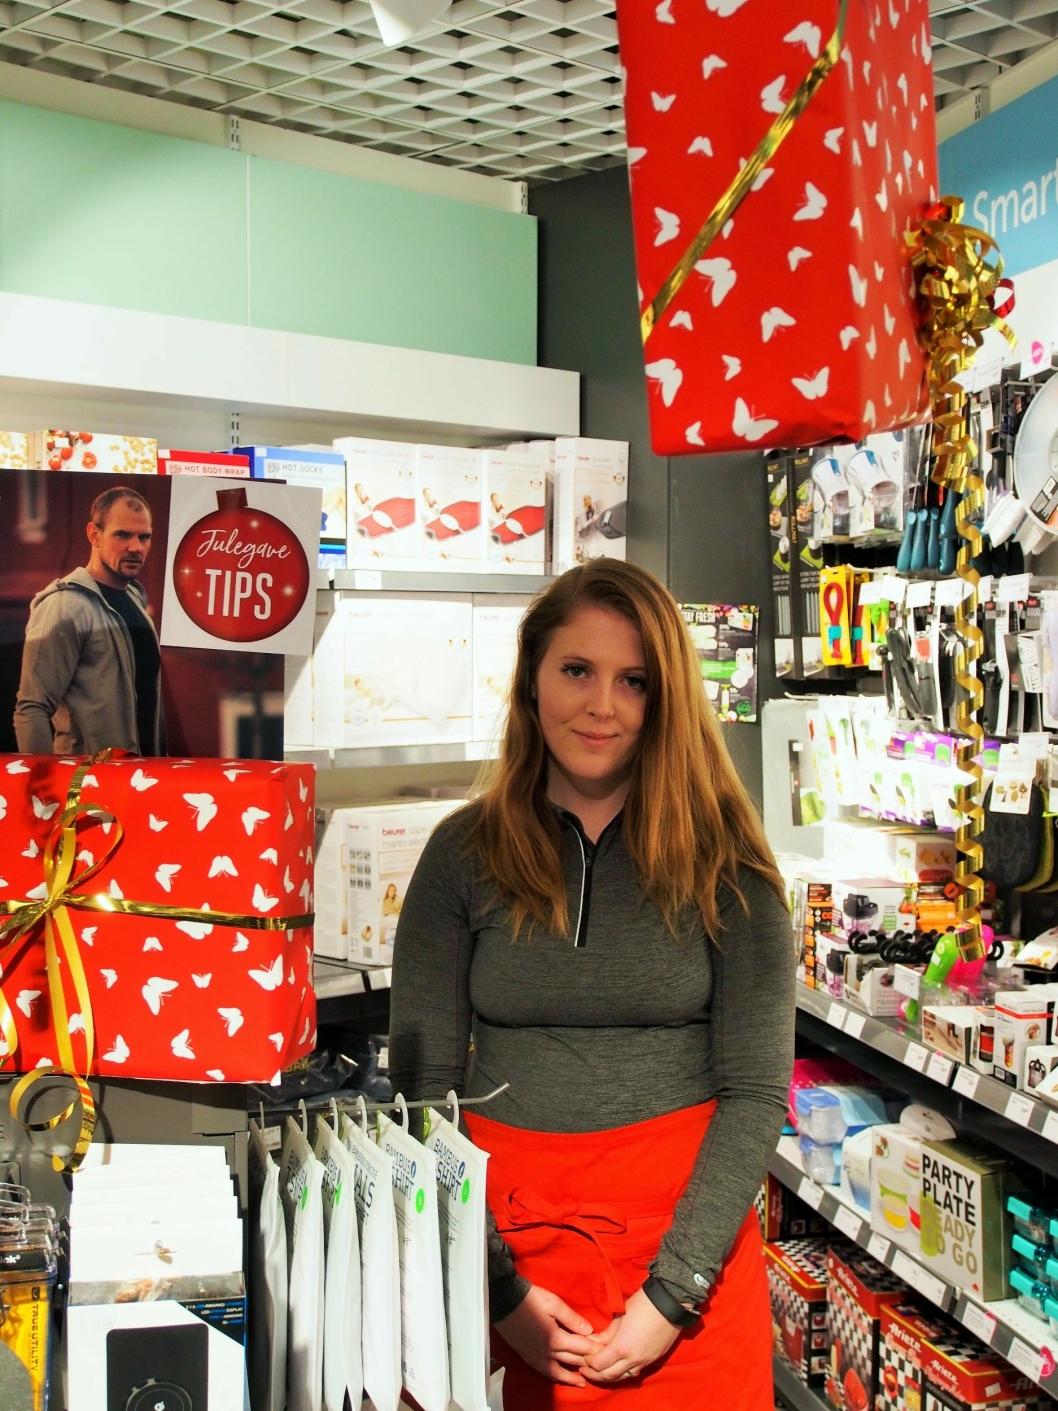 ENKLERE LIV: Hos oss er det mange unge som ber om julegavetips til mamma og pappa, sier Line Opedal. Dette er en av de julete butikkene på Kolbotn torg.